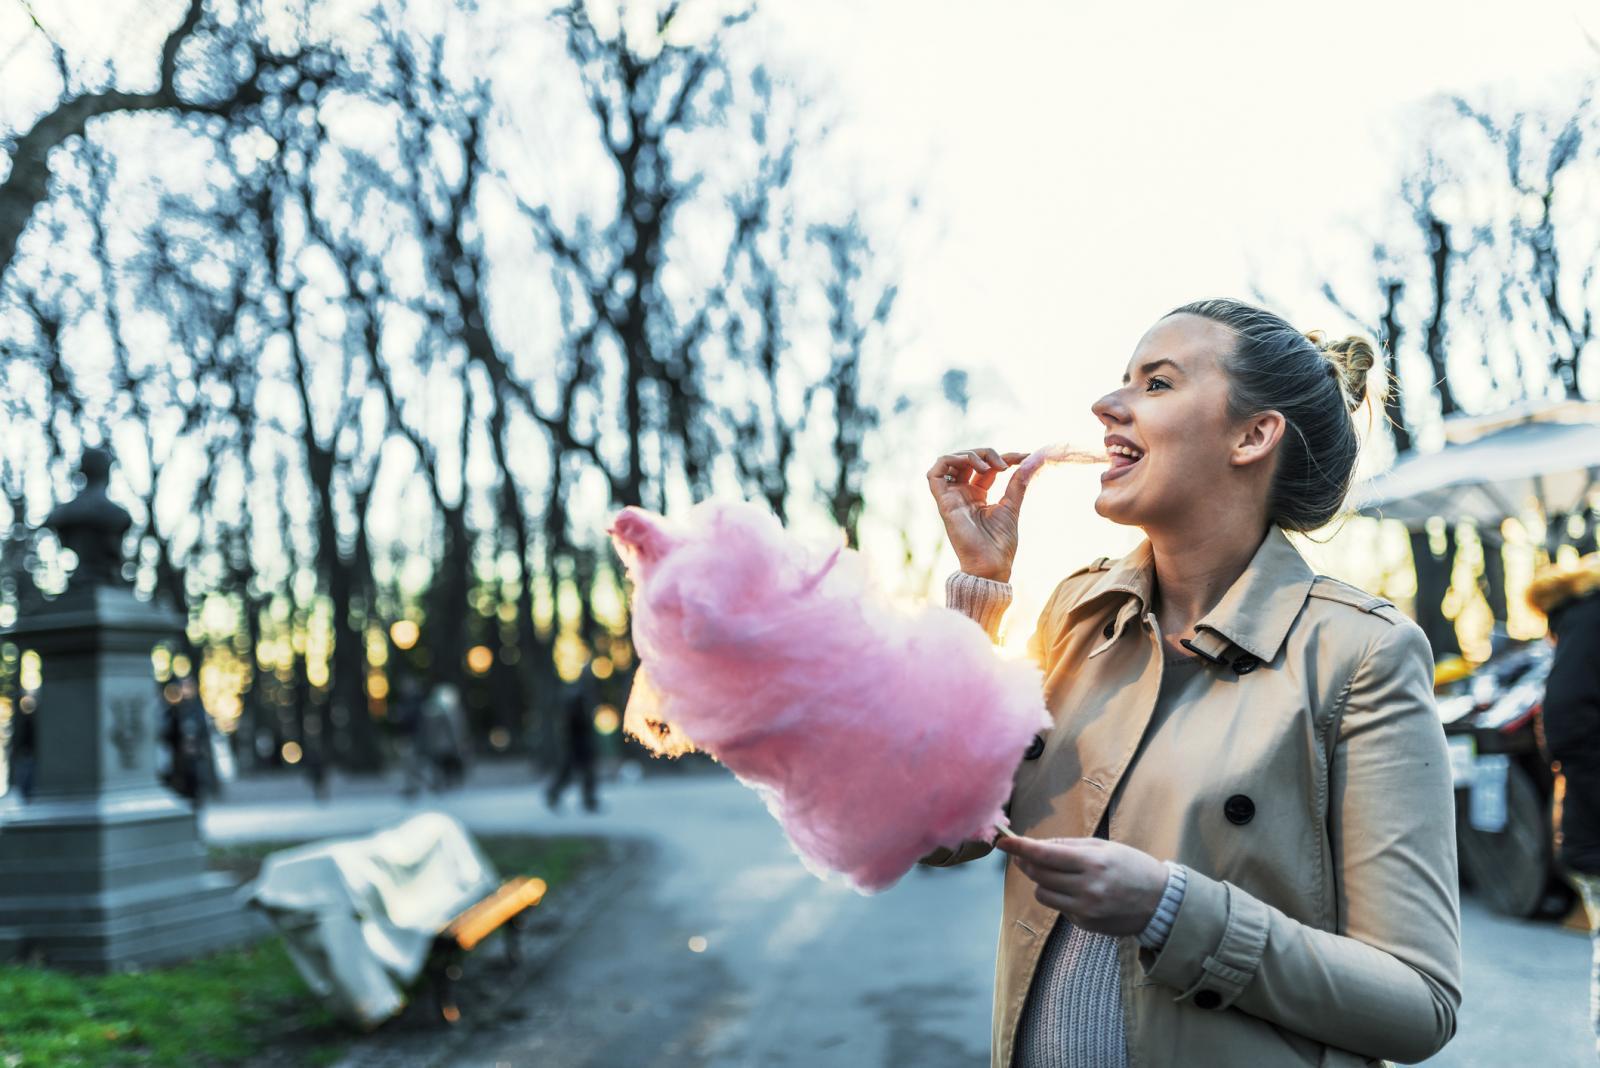 Znate li da samo u jednoj vrećici koju možda stavljate u kavu ili čaj ima 5 grama šećera?